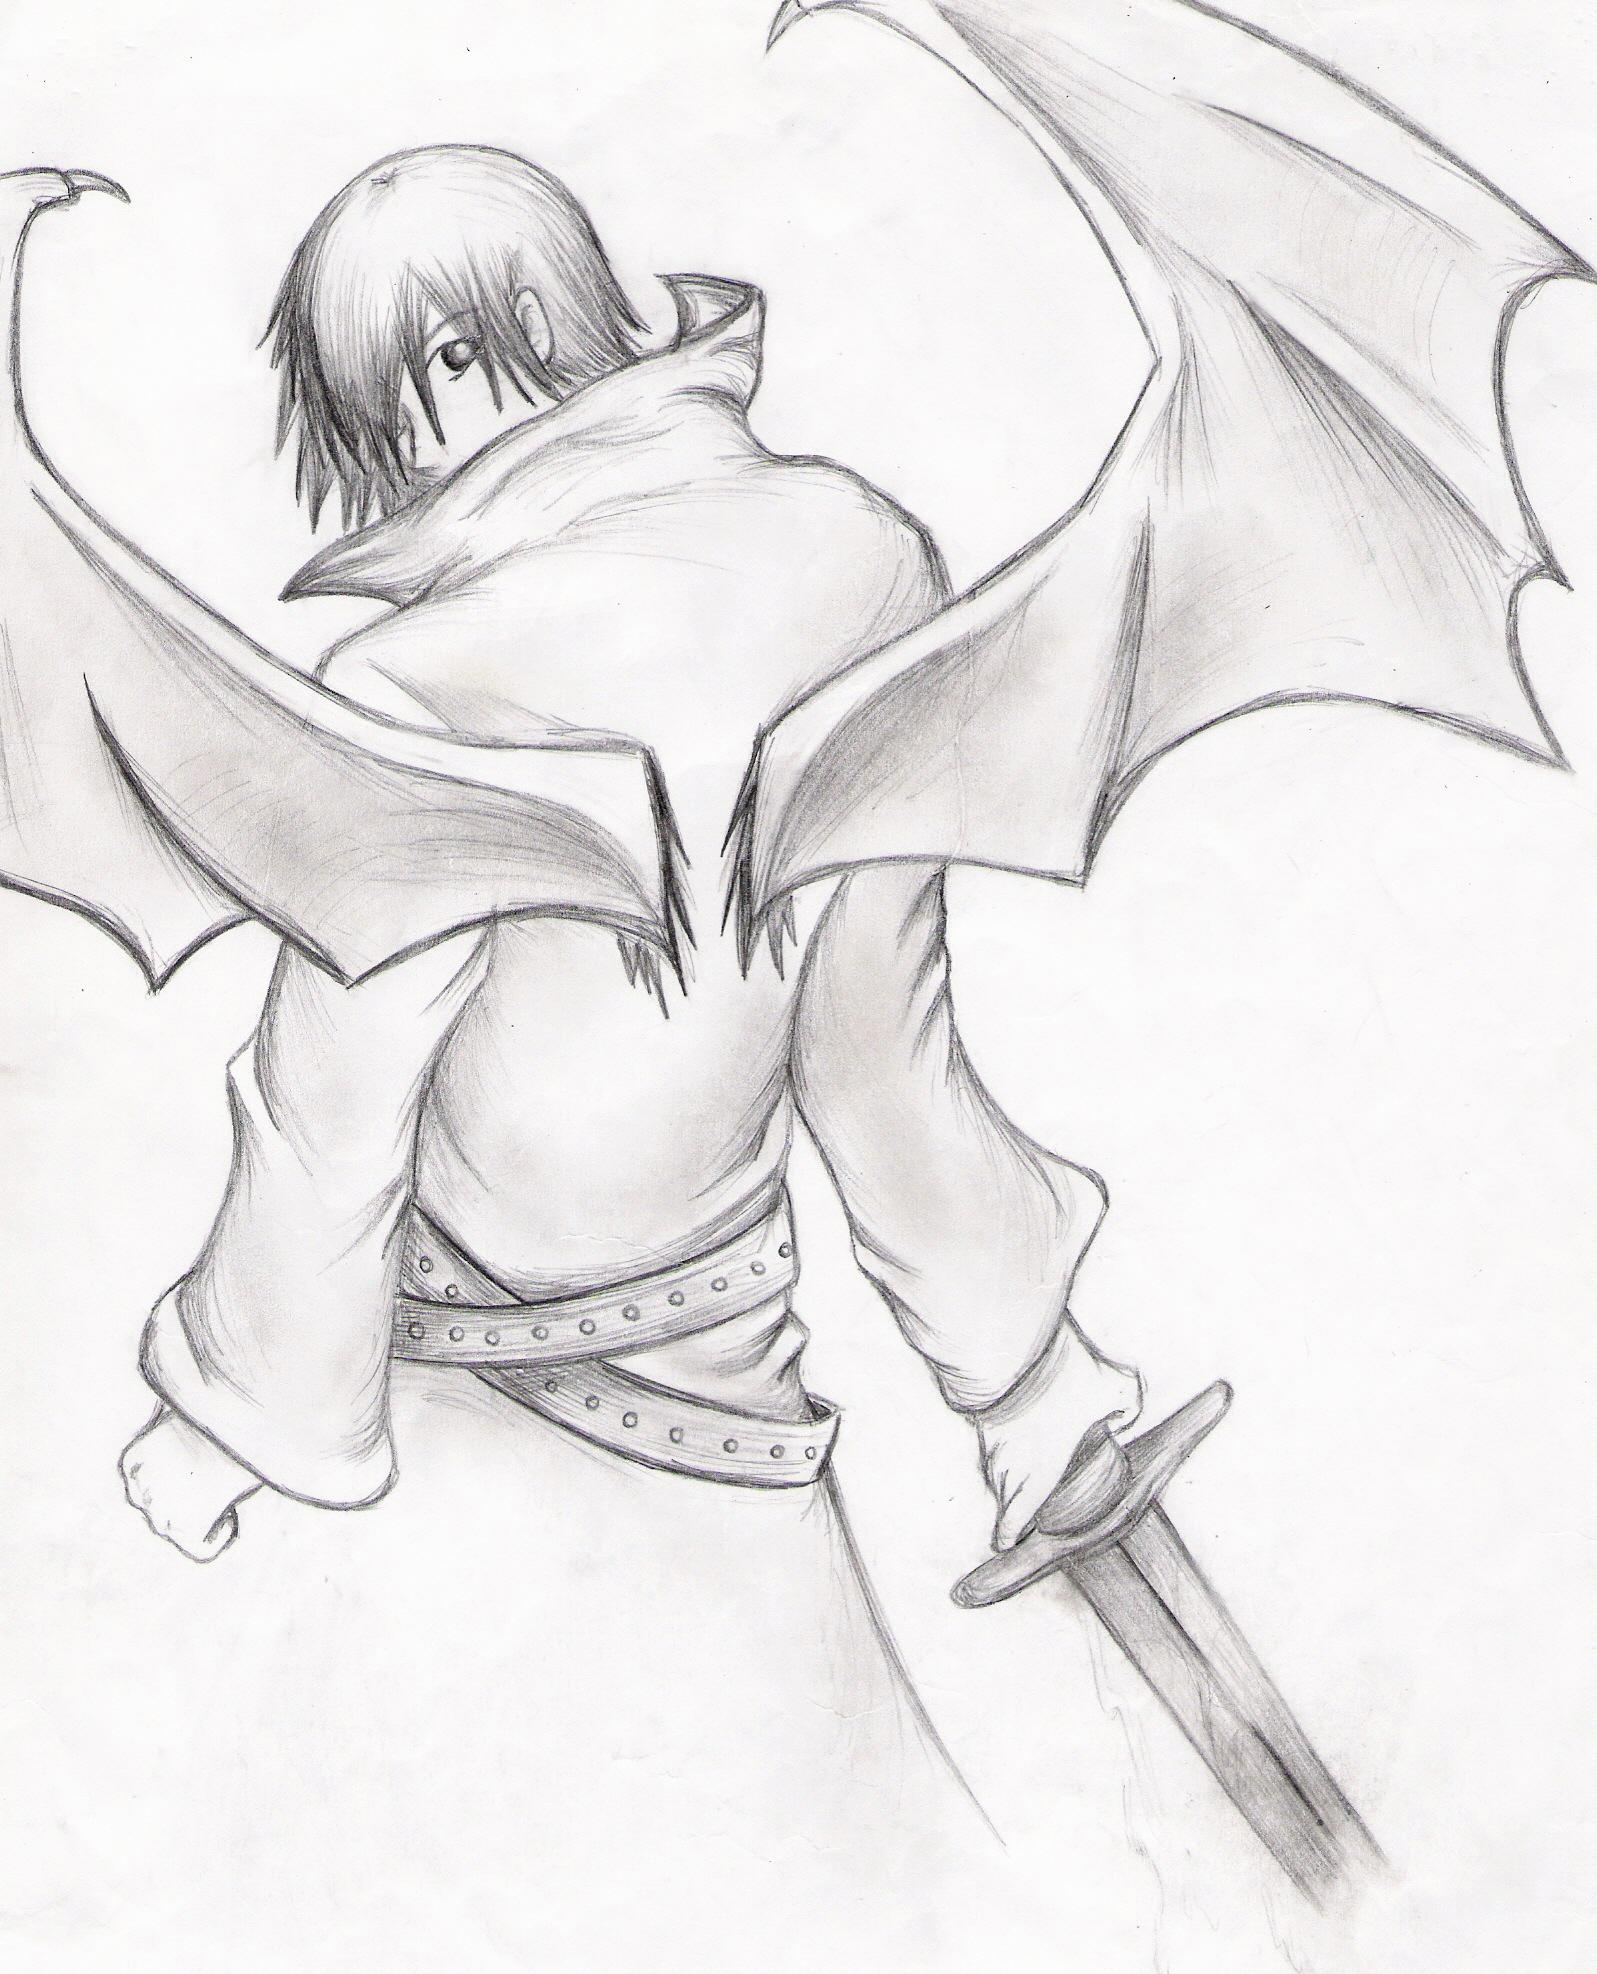 Drawn angel guy Xnivalisx by xnivalisx by on